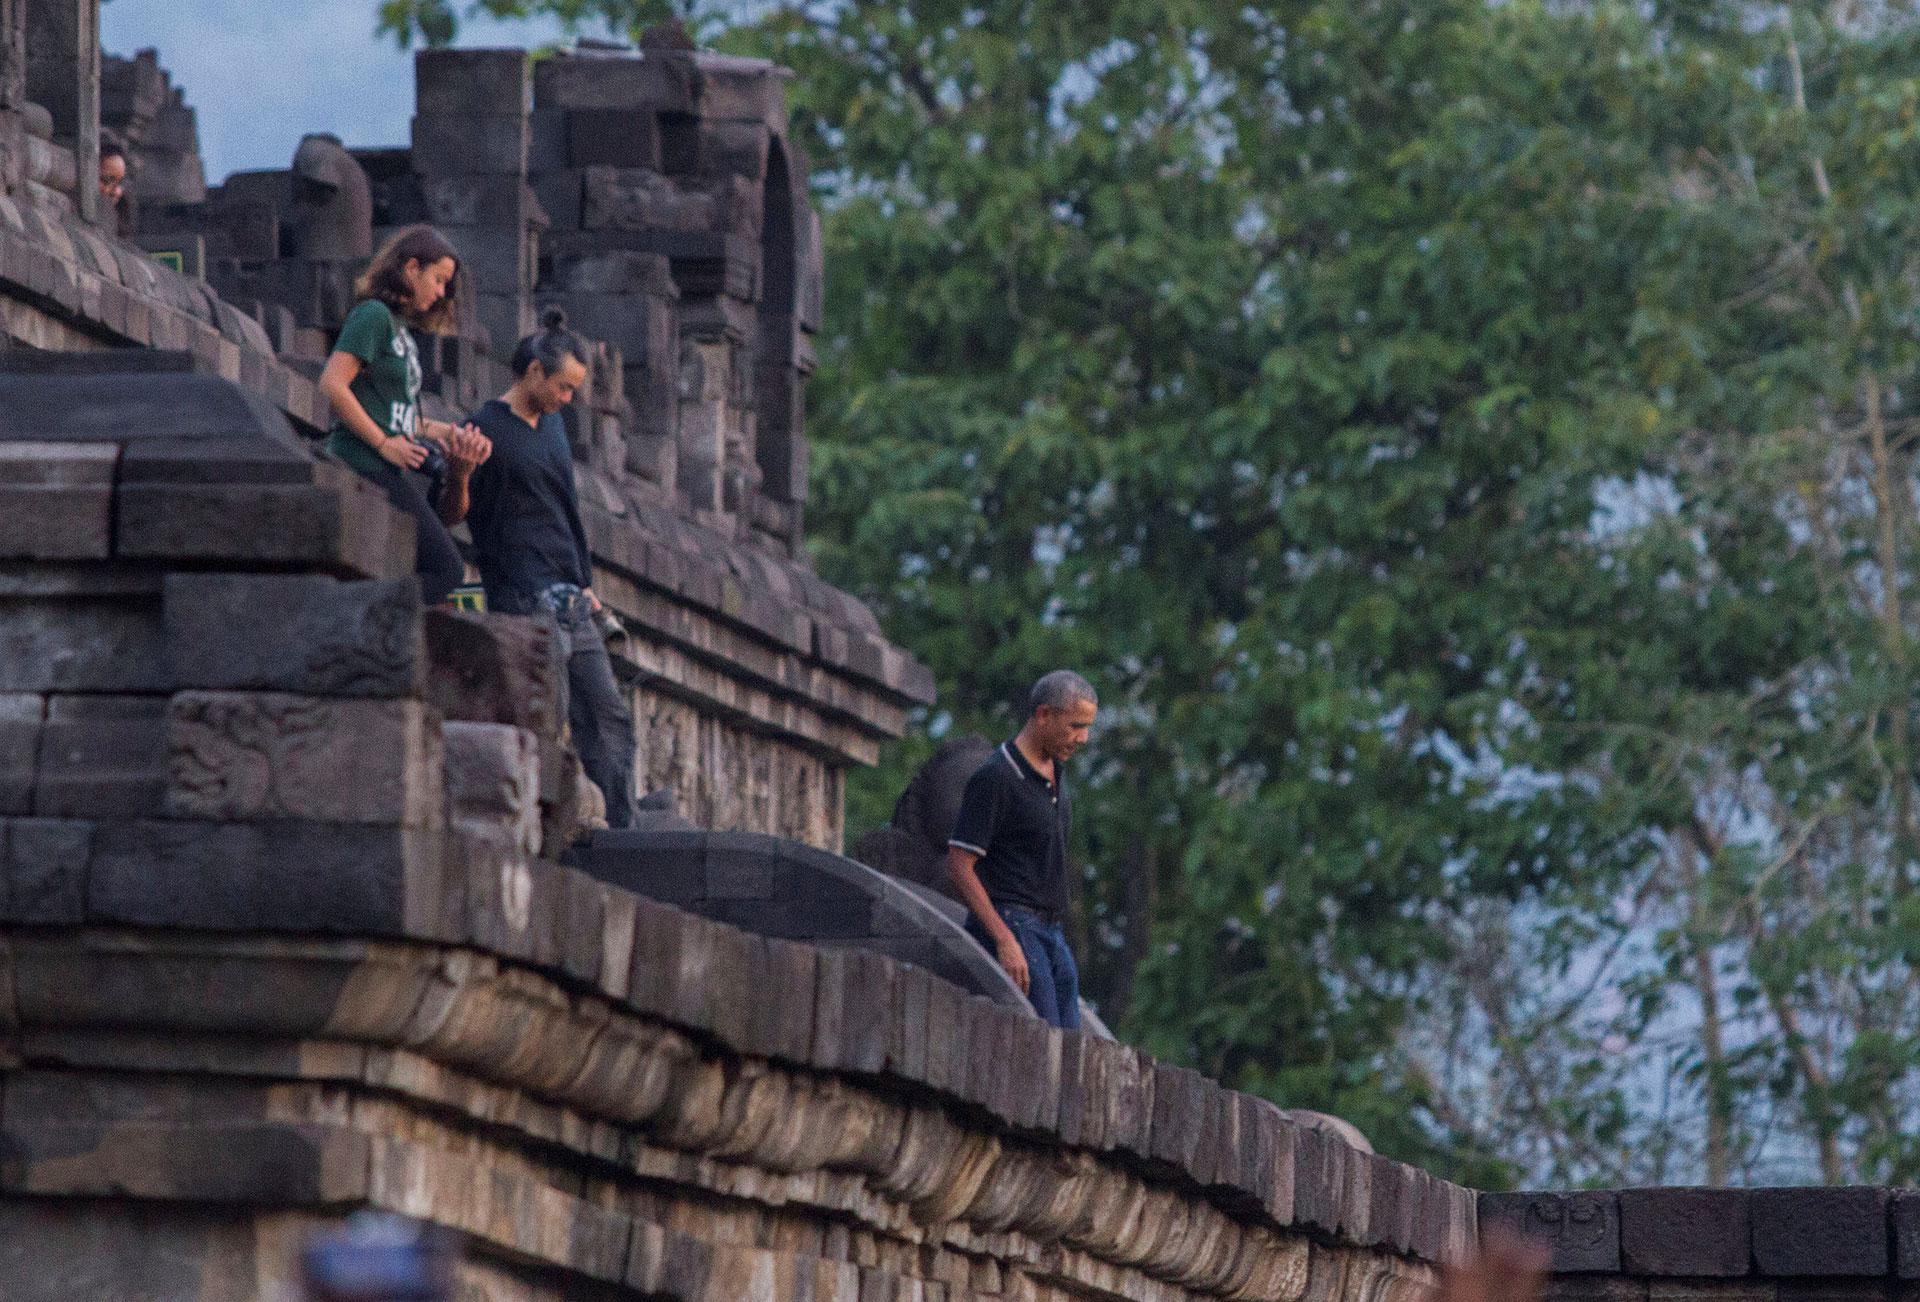 El presidente también visito el templo Borobudur, que data del siglo IX (Reuters)